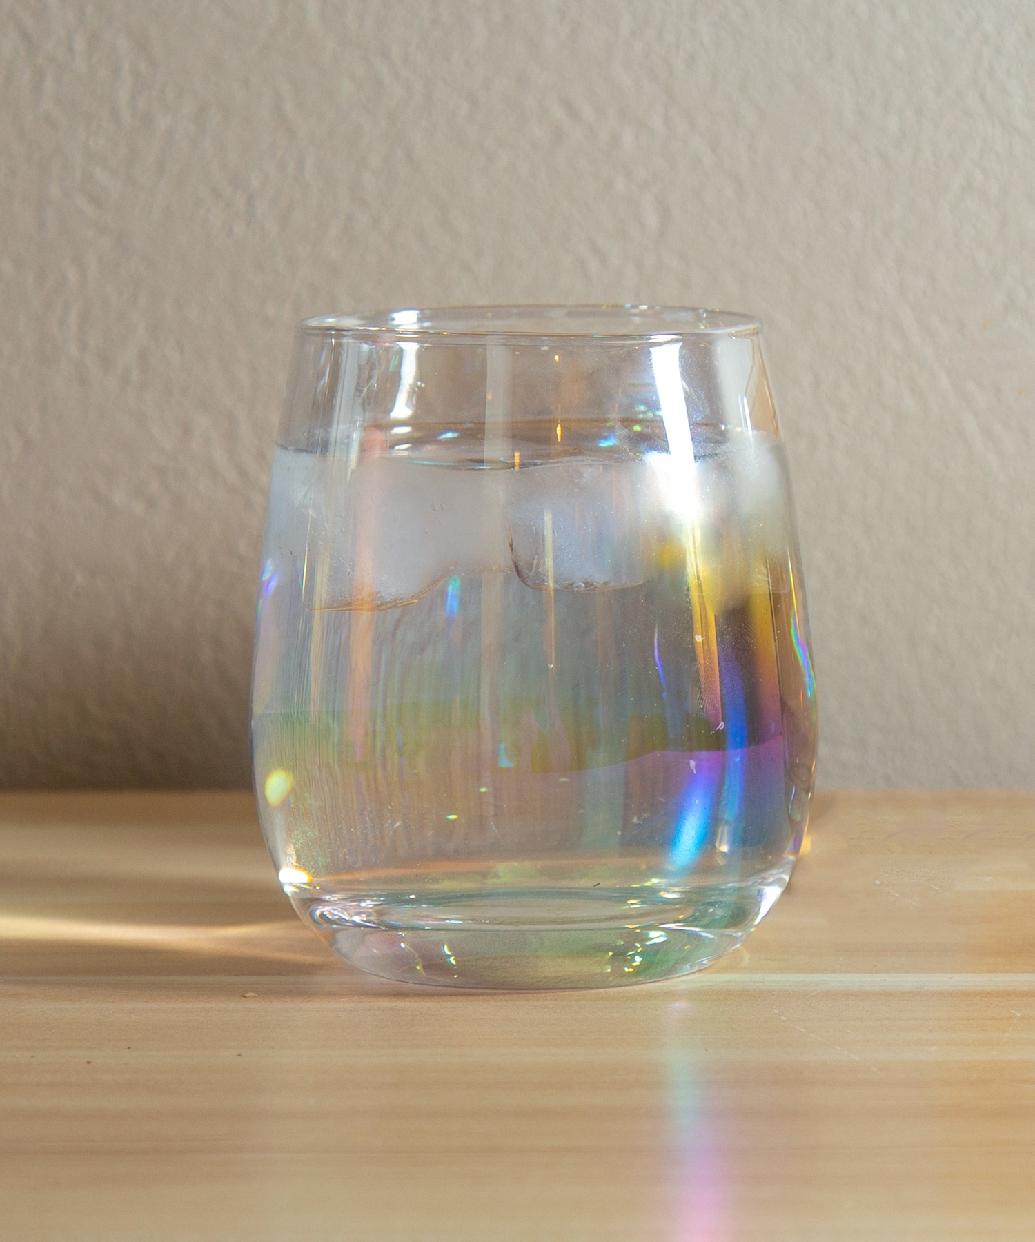 3COINS(スリーコインズ)オーロラグラスの商品画像1